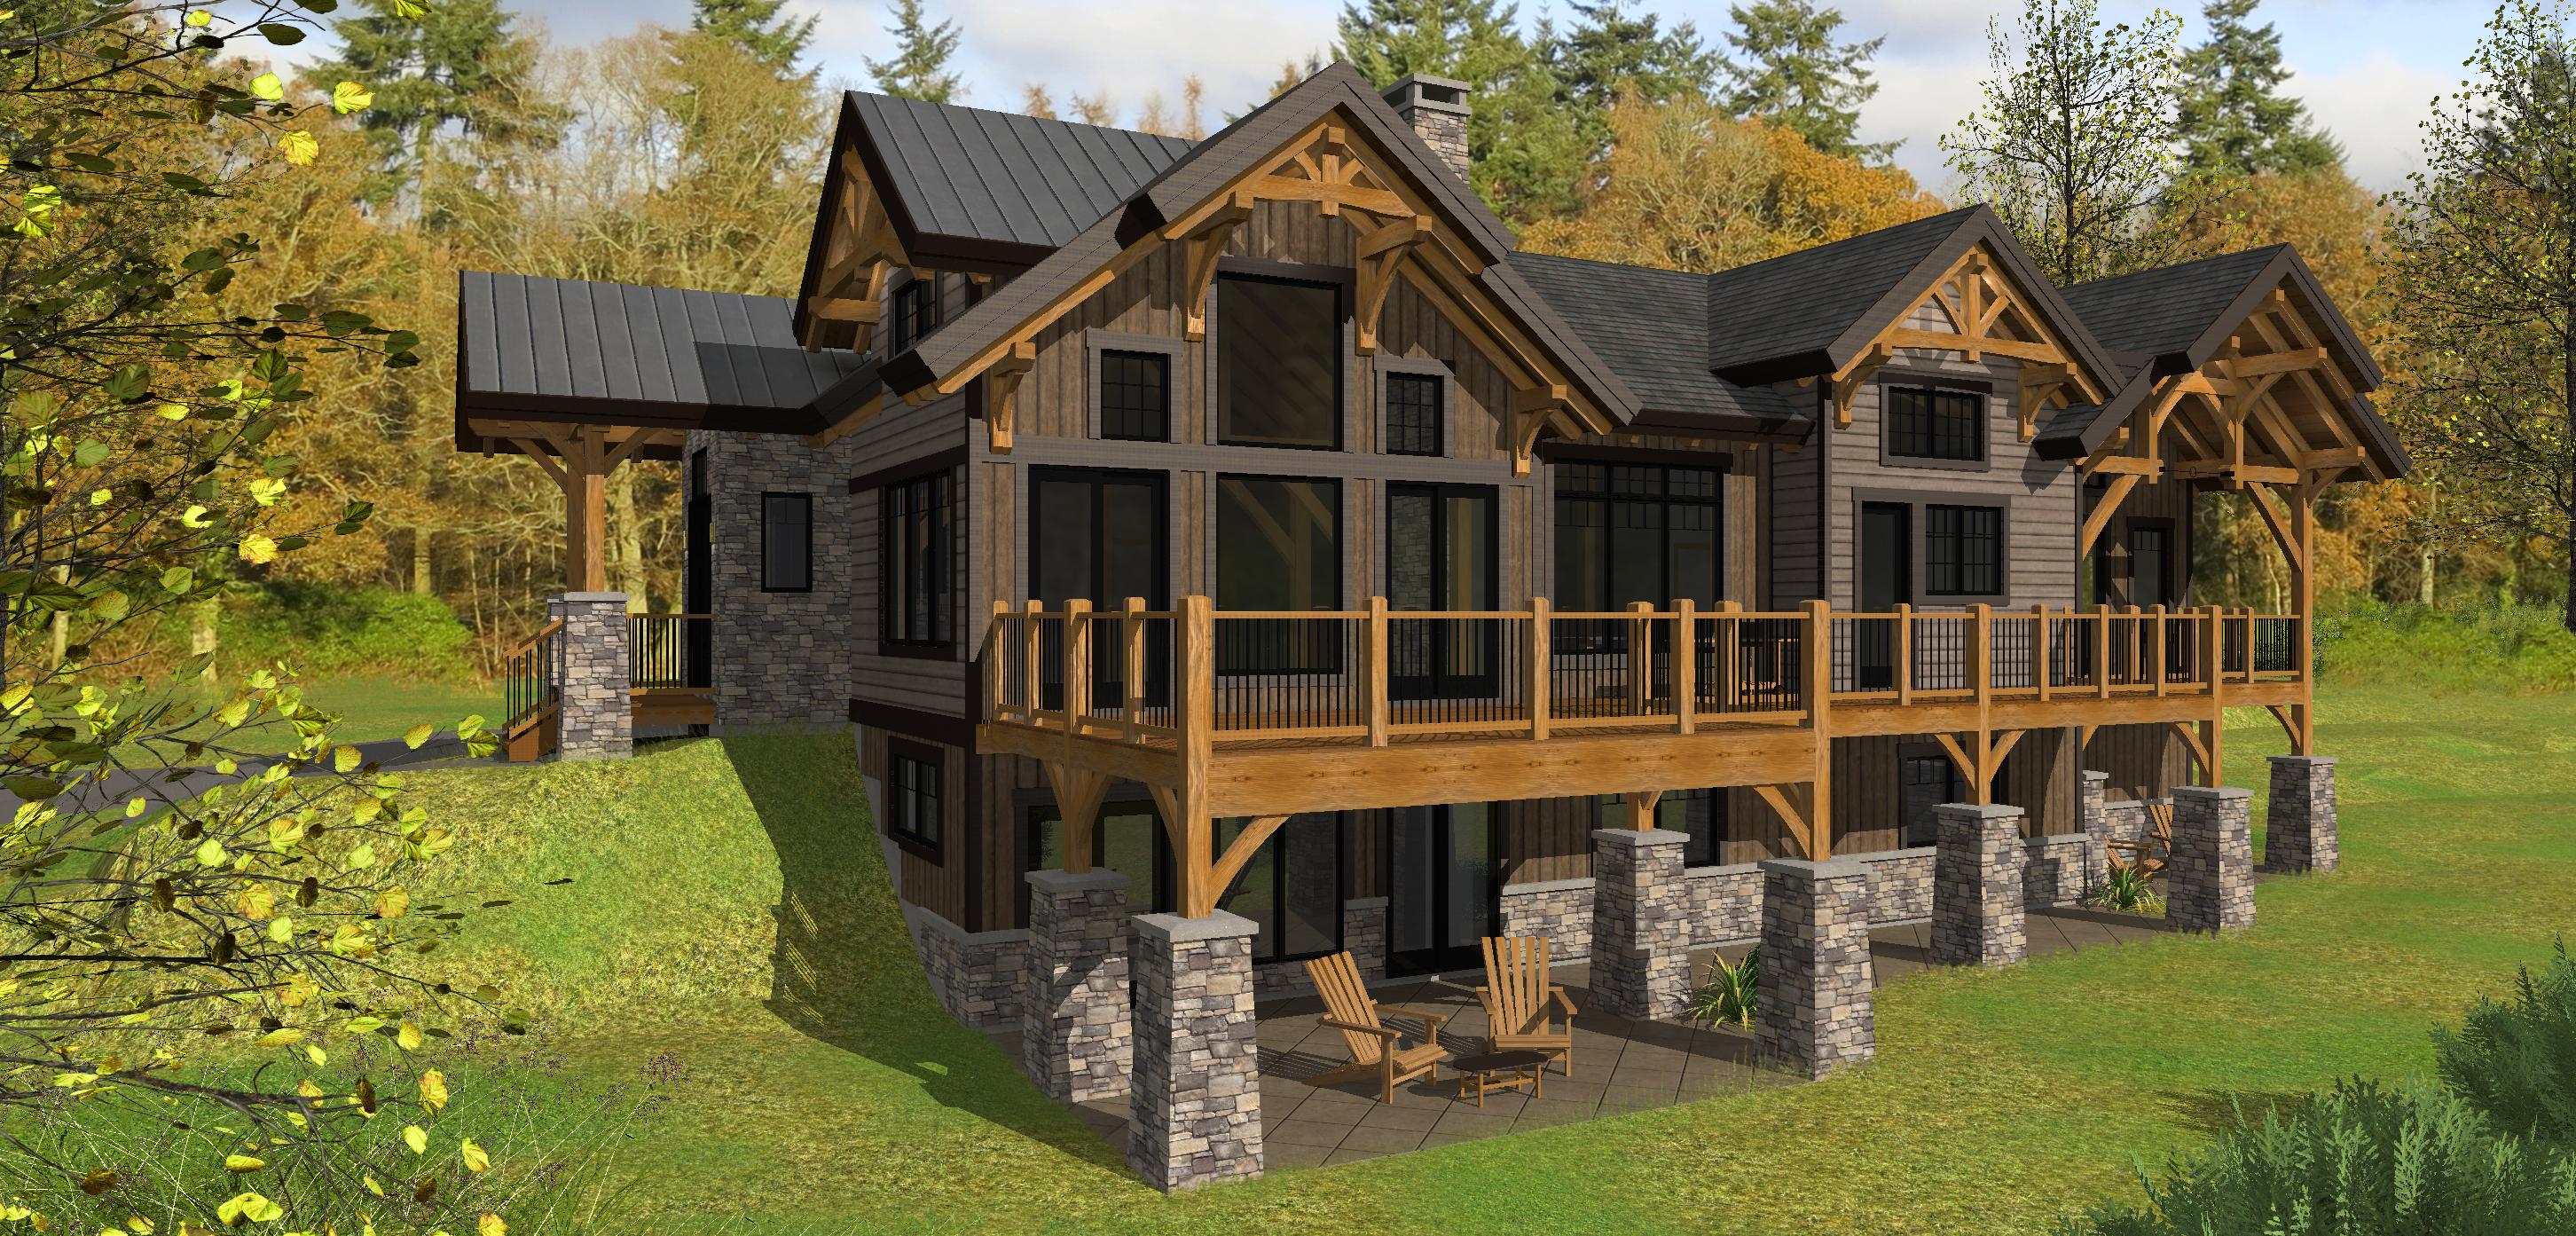 Bear Rock Timber Frame Design